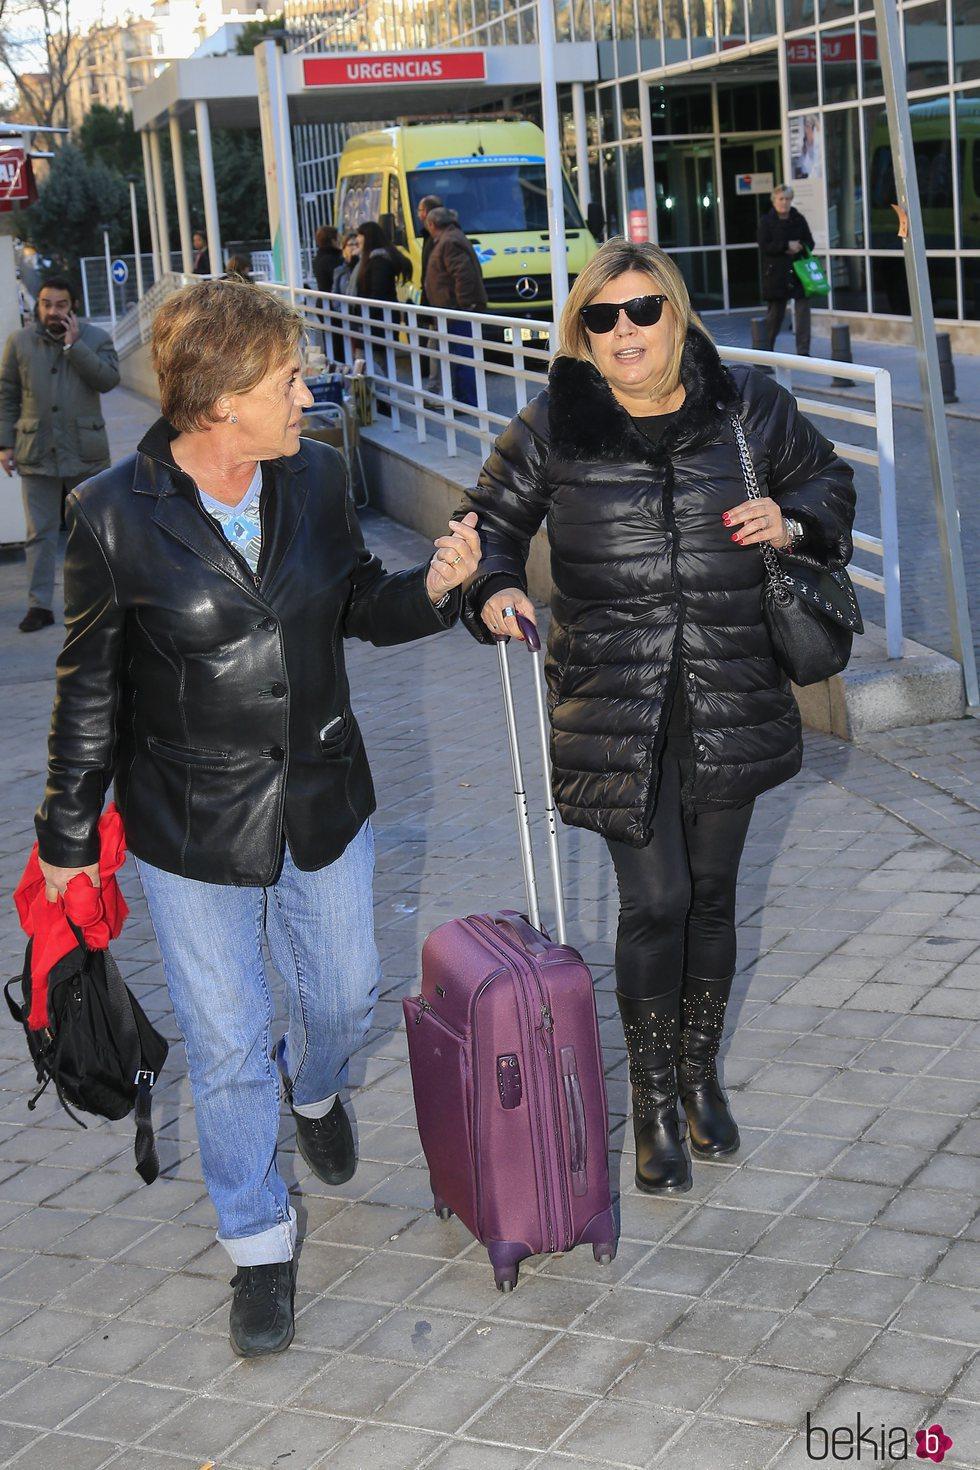 Chelo García Cortés y Terelu Campos saliendo del hospital a visitar a María Teresa Campos tras ser operada de una suboclusión intestinal